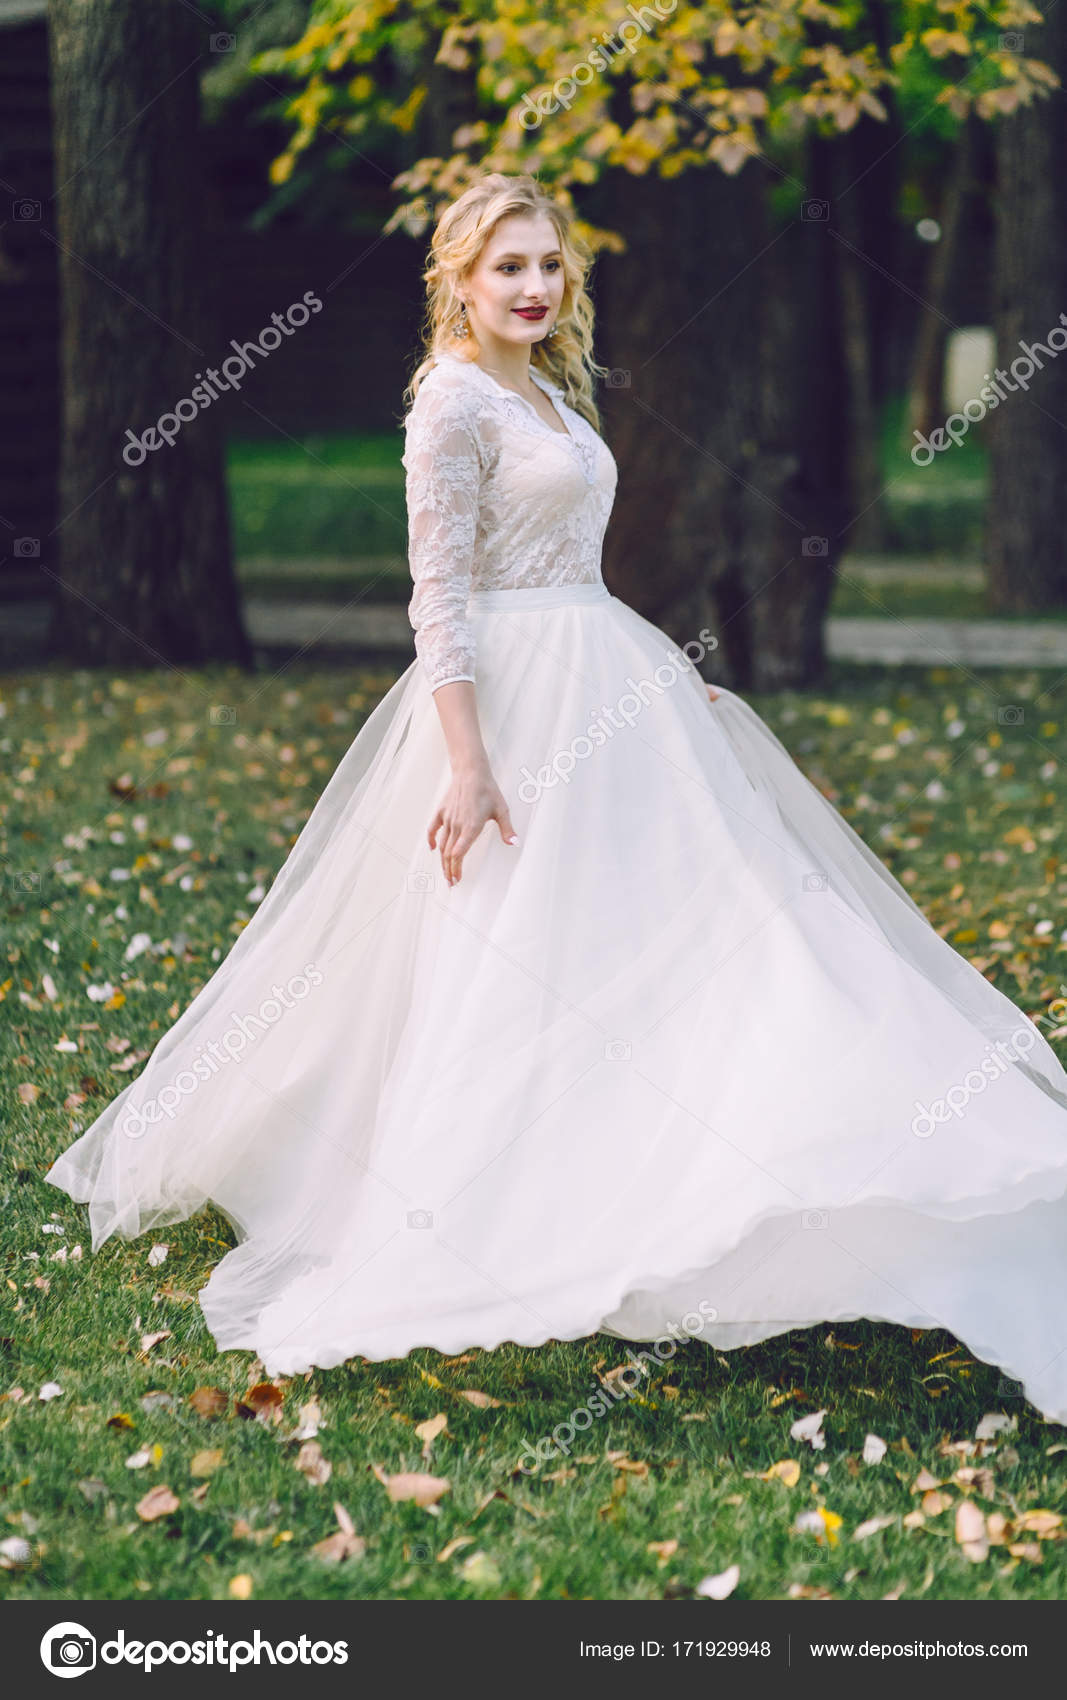 Die schöne Braut dreht sich um sich selbst im Tanz. Lächelnde Frau ...